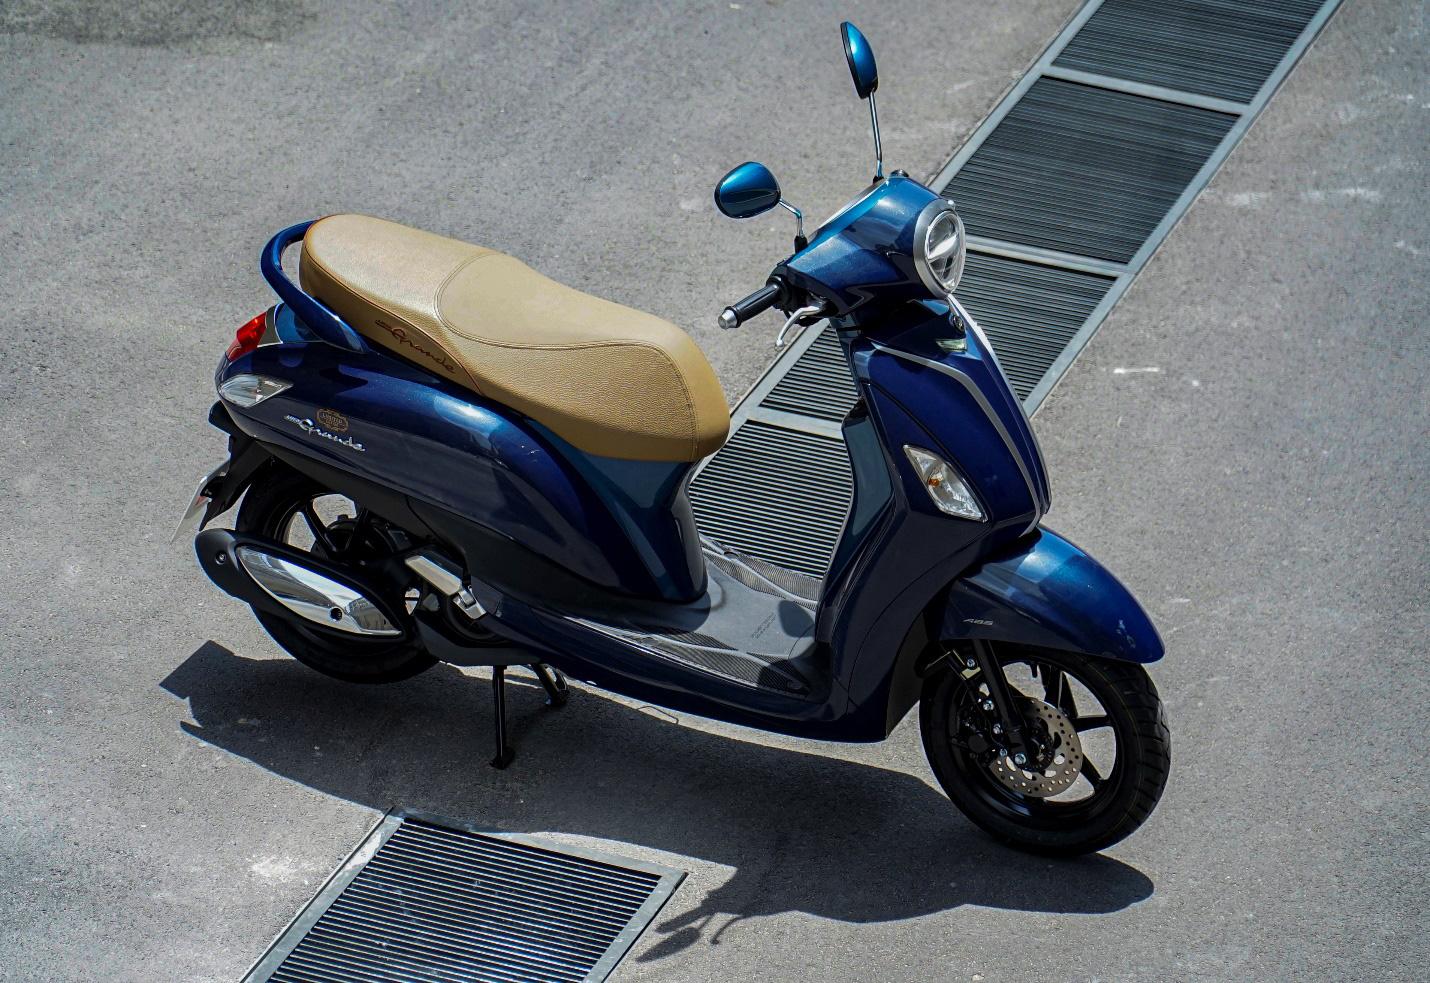 """Đánh giá Yamaha Grande – Có xứng danh """"nữ hoàng"""" xe tay ga tiết kiệm nhiên liệu số 1 Việt Nam? - Ảnh 1."""